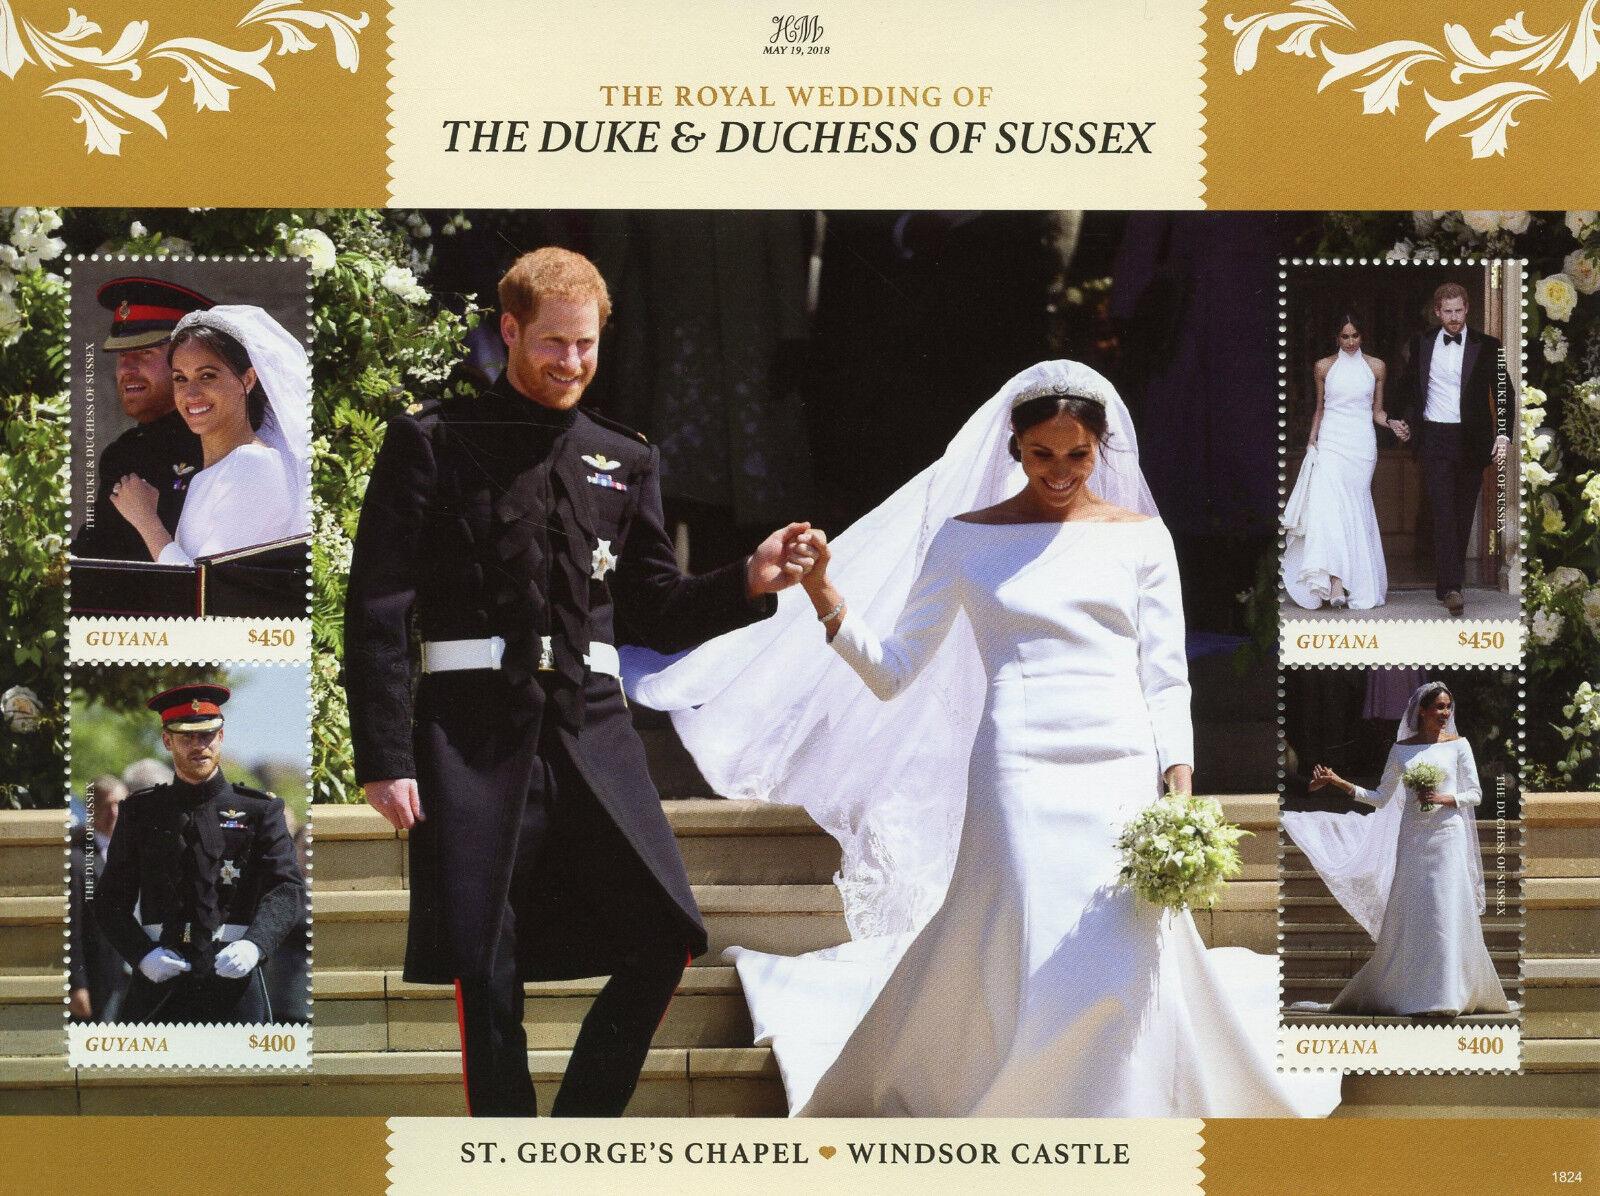 Guyana 2018 MNH Prince Harry and Meghan Royal Wedding 4v M/S III Royalty Stamps